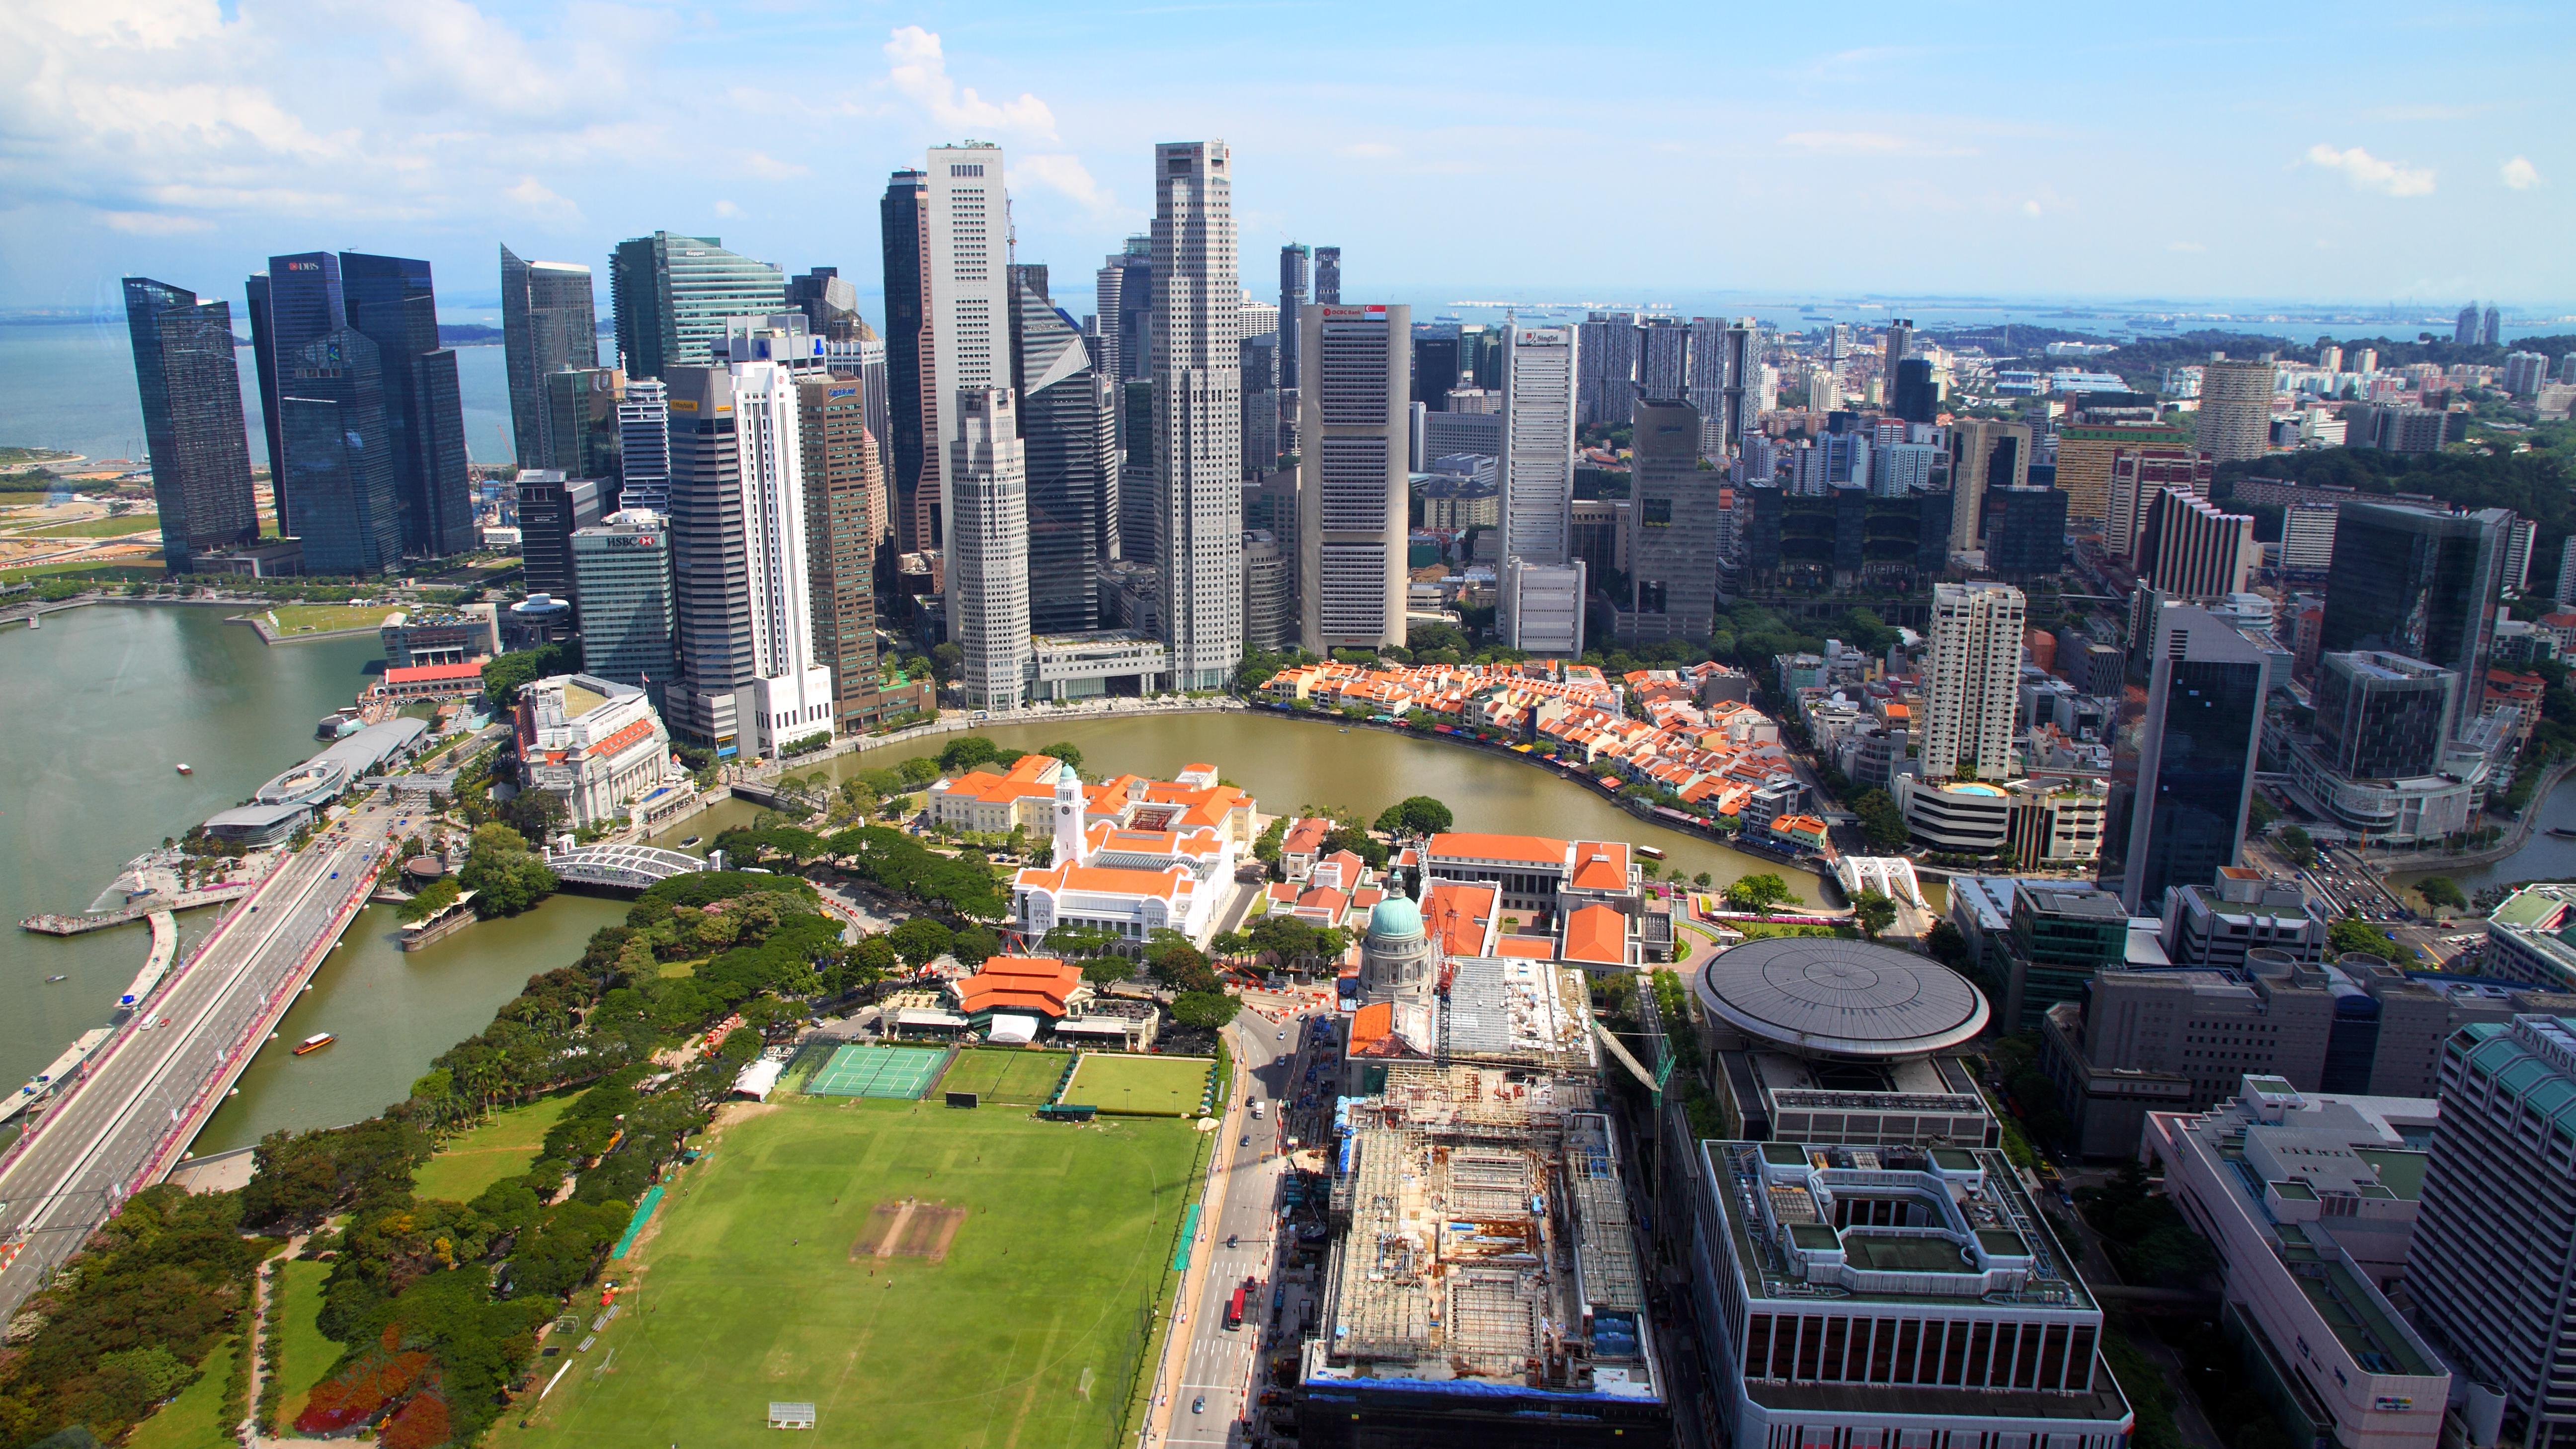 Singaporessa asuva Minna nauttii yrittäjän vapaudesta ja vehreästä luonnosta